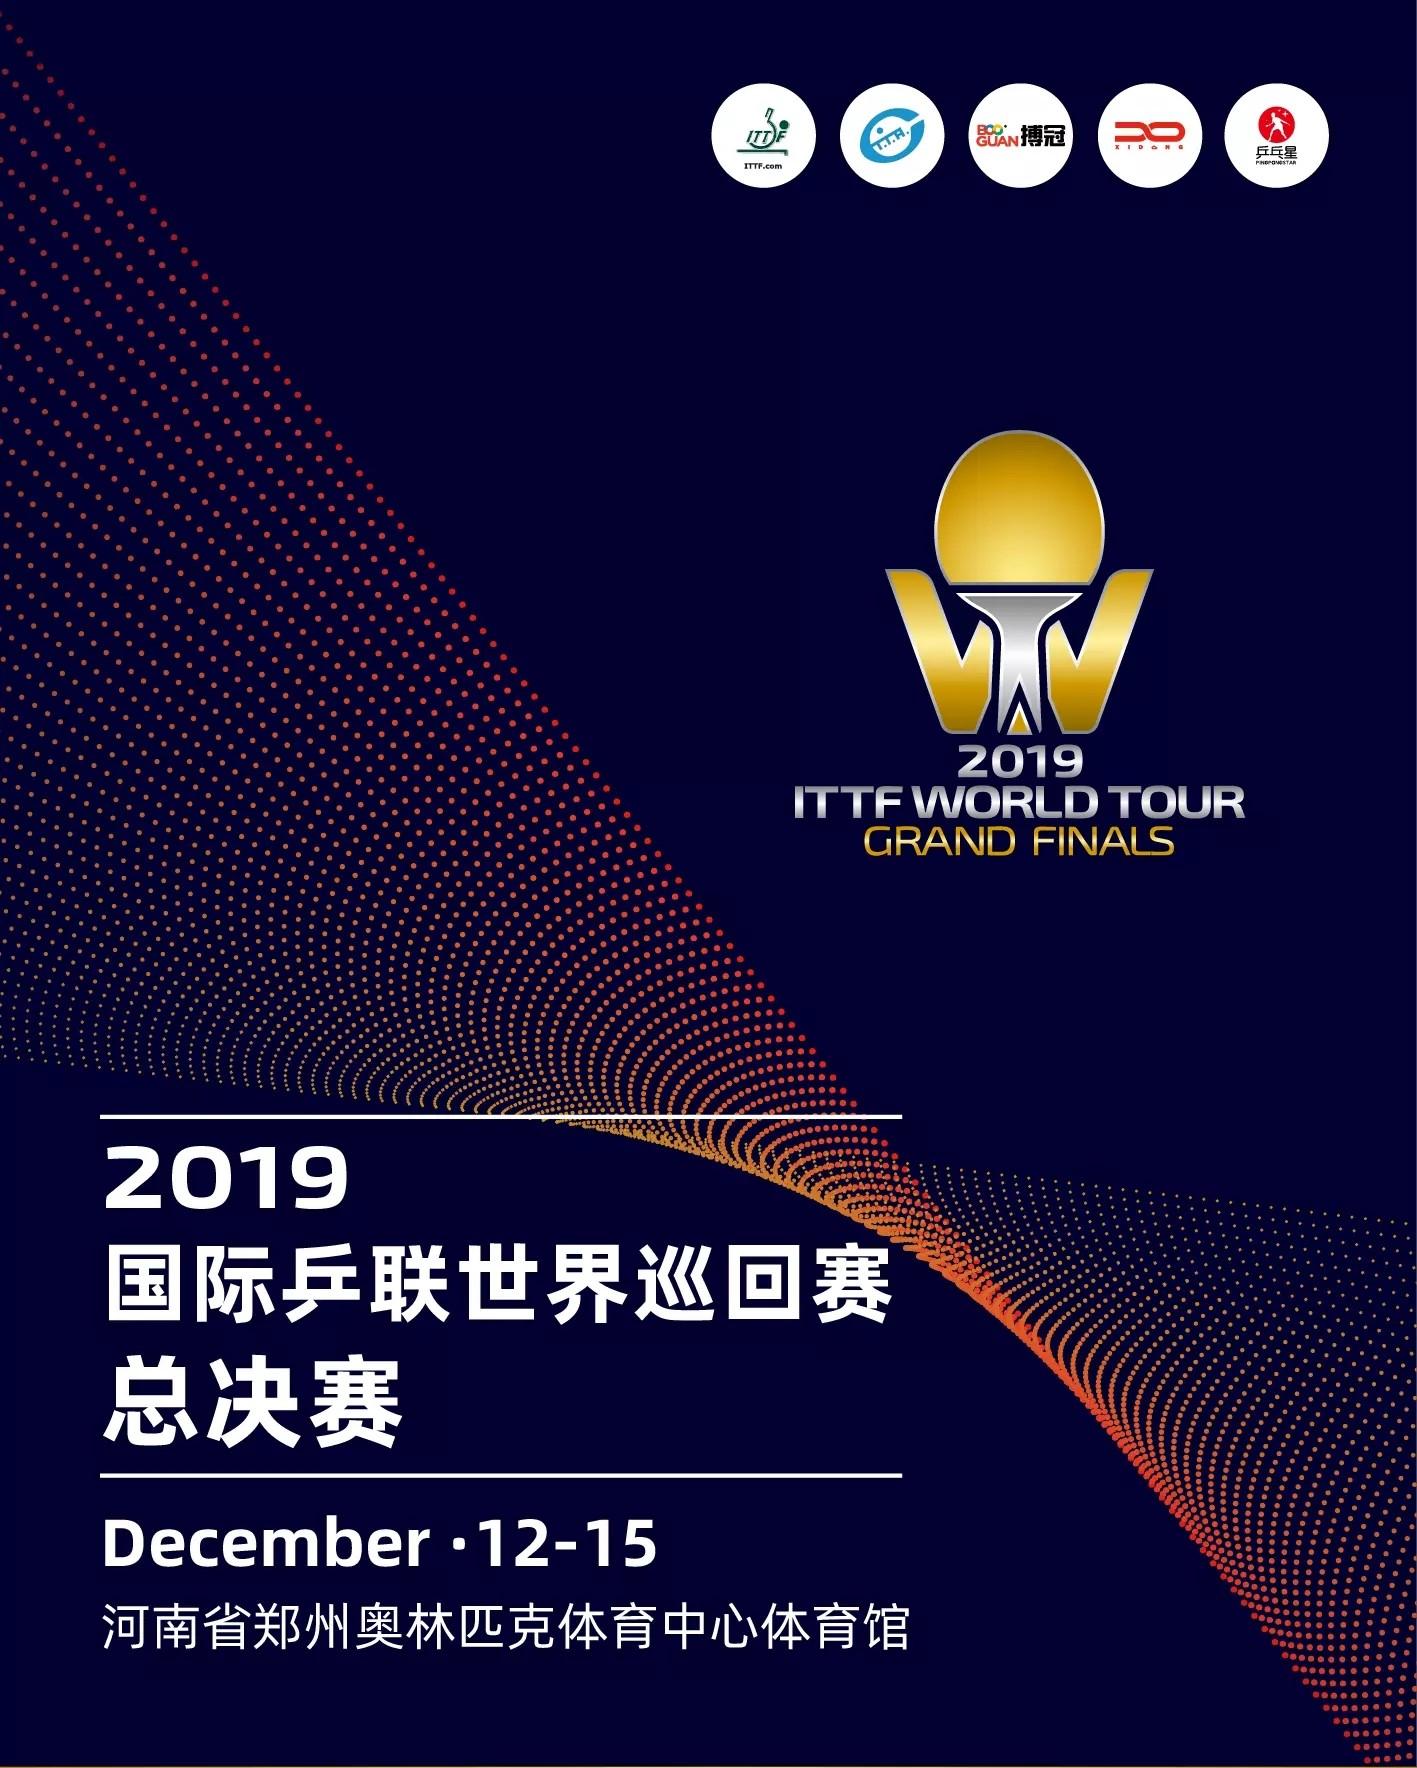 2019年国际乒联世界巡回赛总决赛郑州站